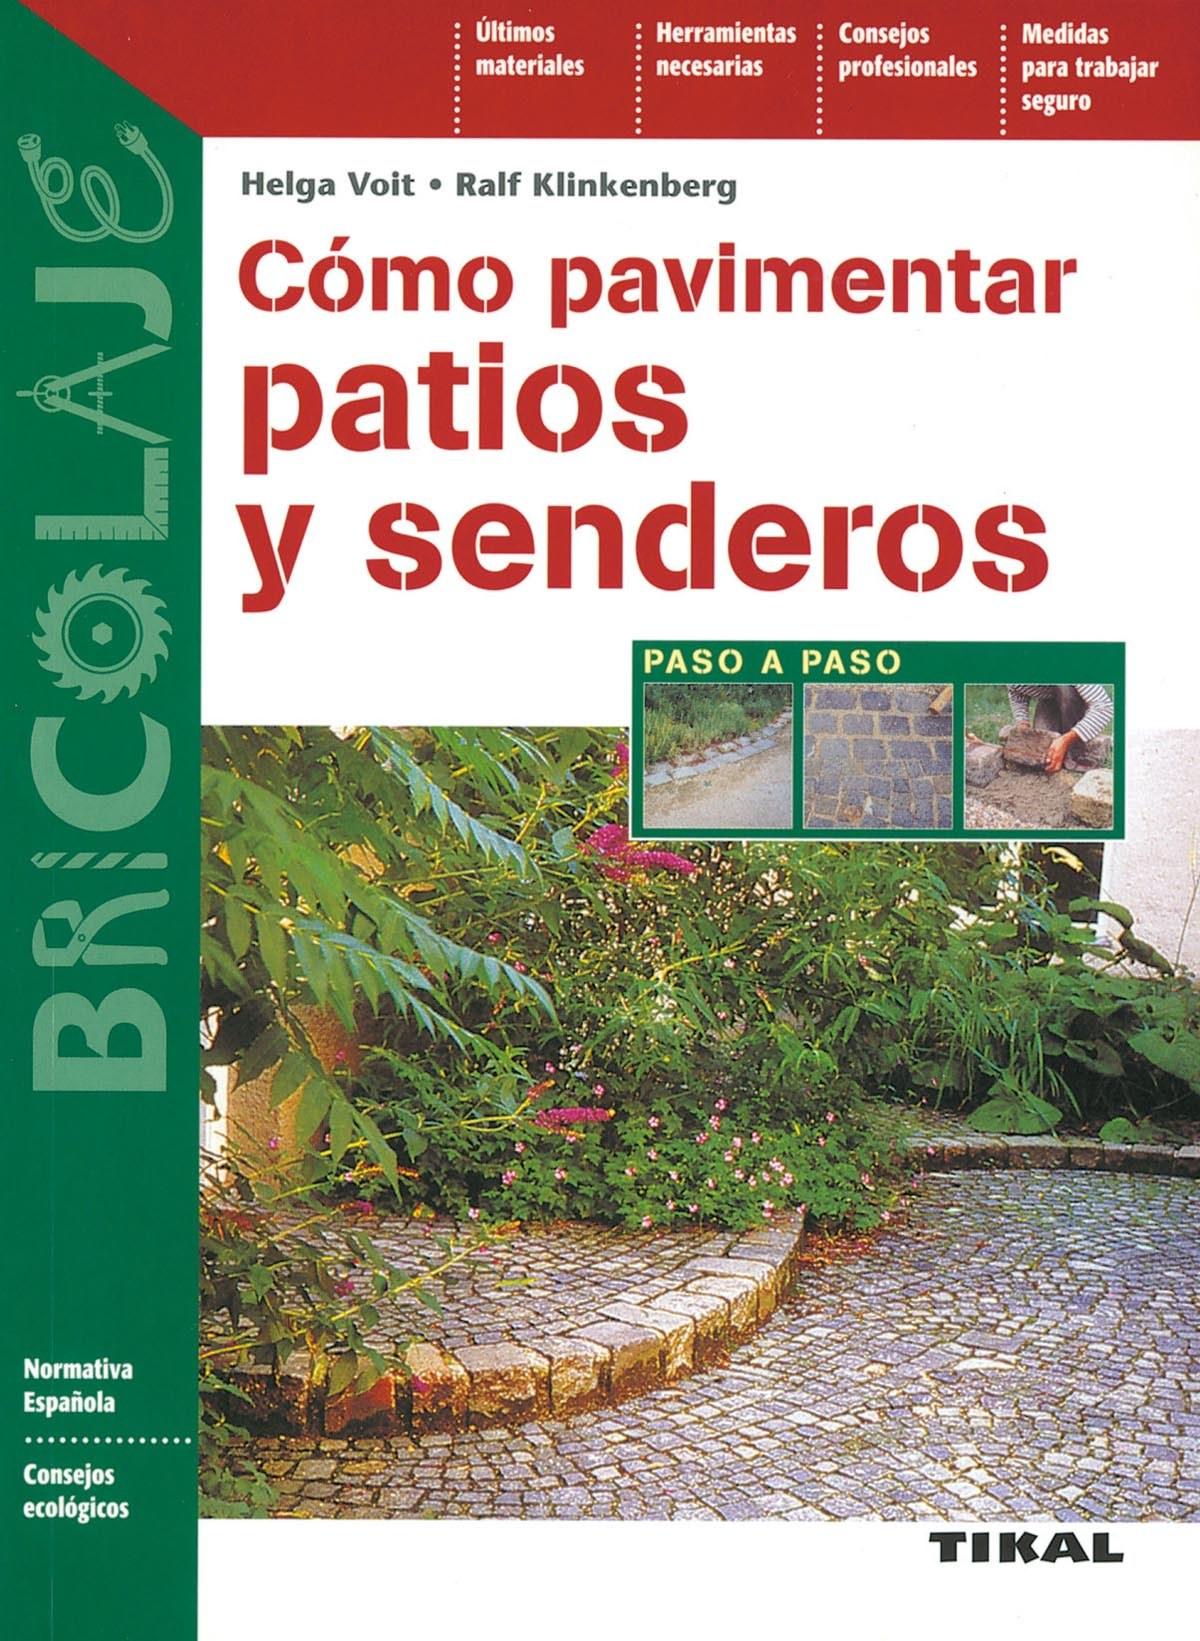 Cómo pavimentar patios y senderos 9788430599530